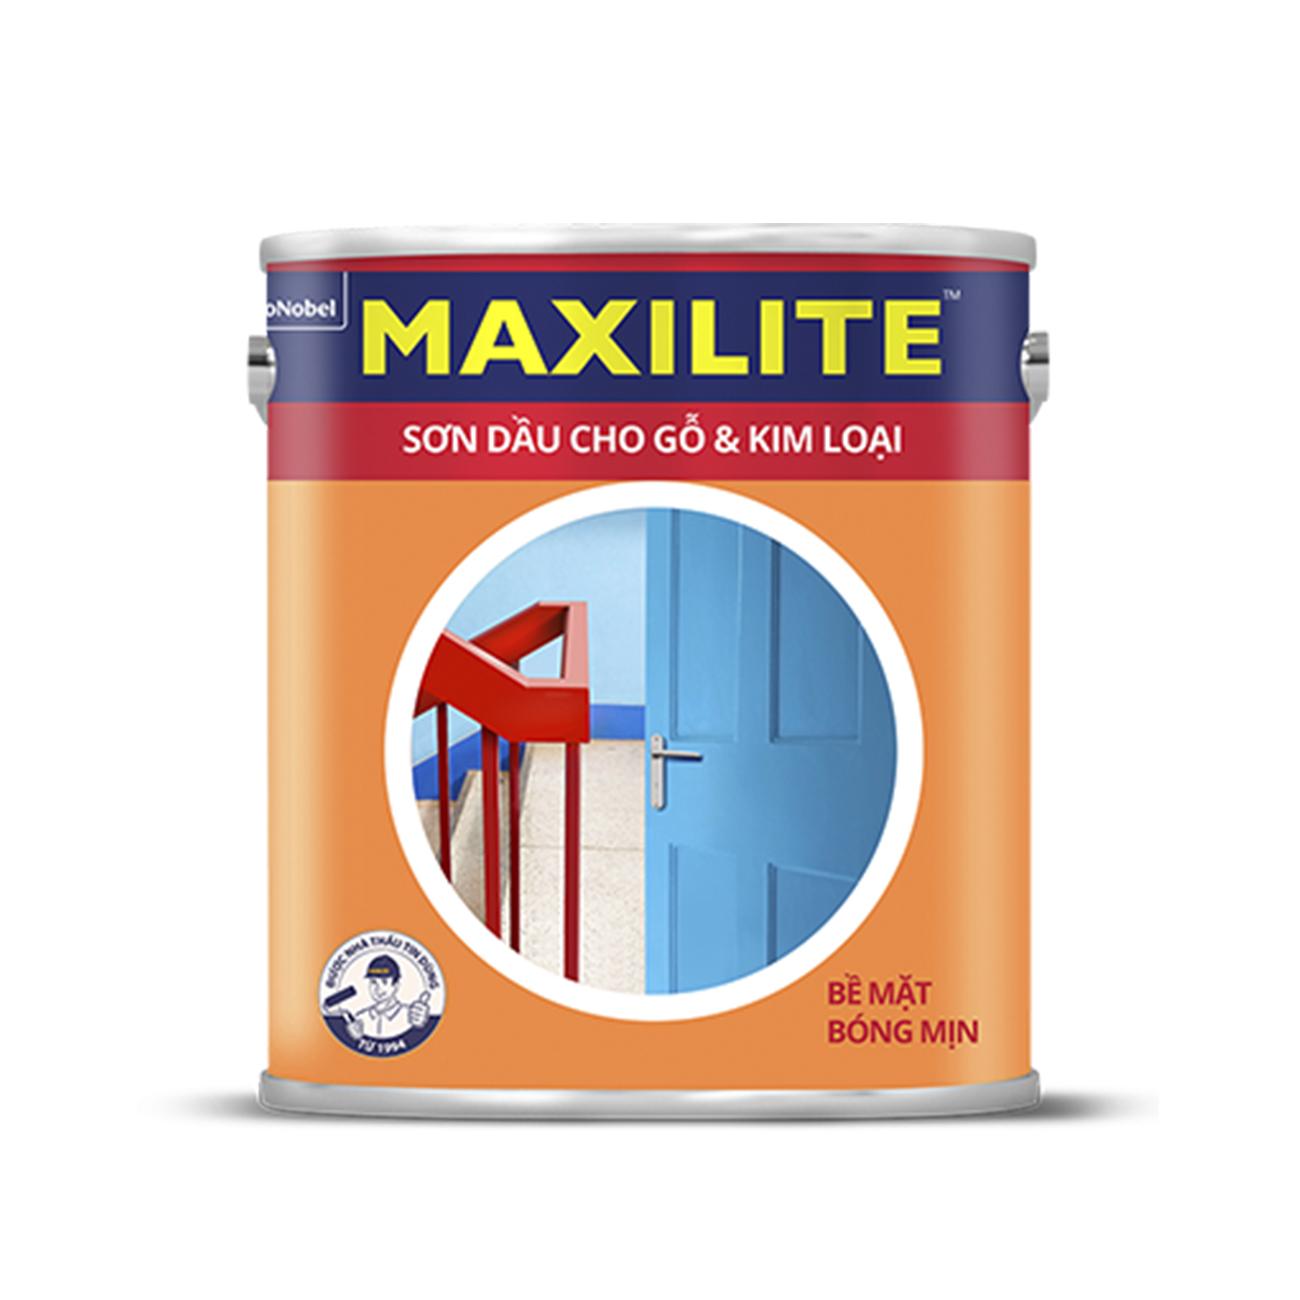 SƠN DẦU CHO GỖ & KIM LOẠI MAXILITE 0.45 LÍT